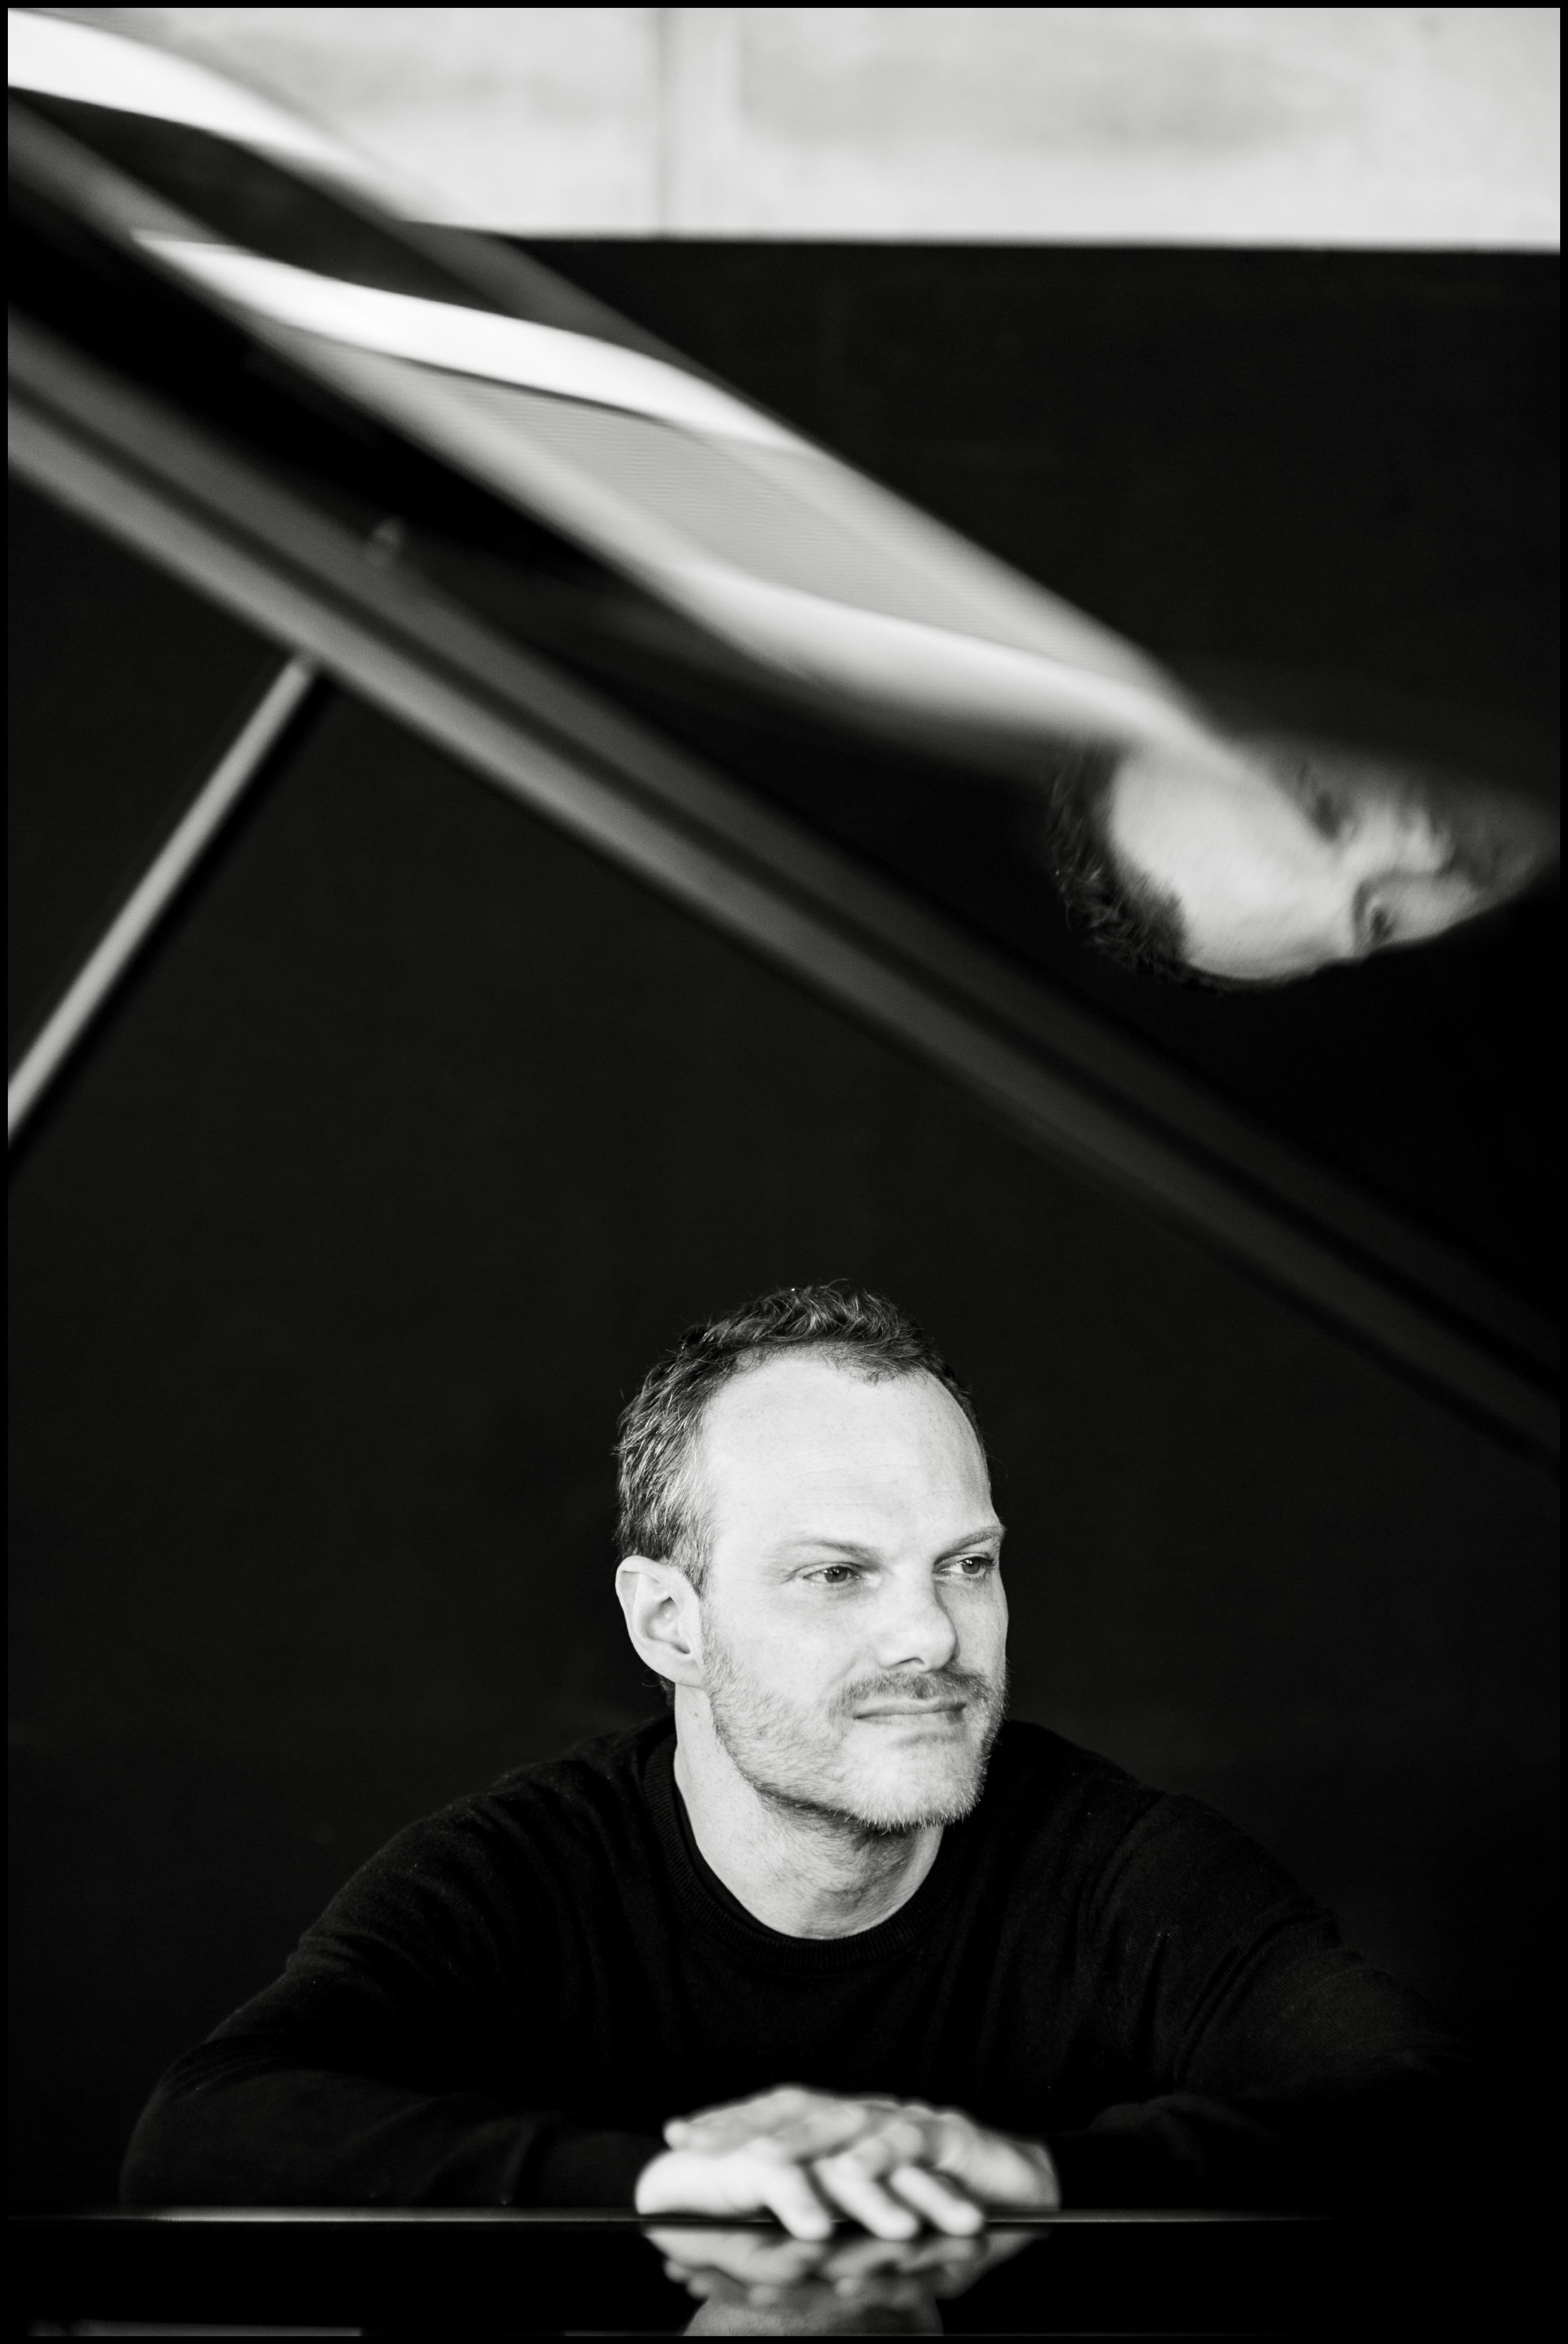 Caption: Lars Vogt